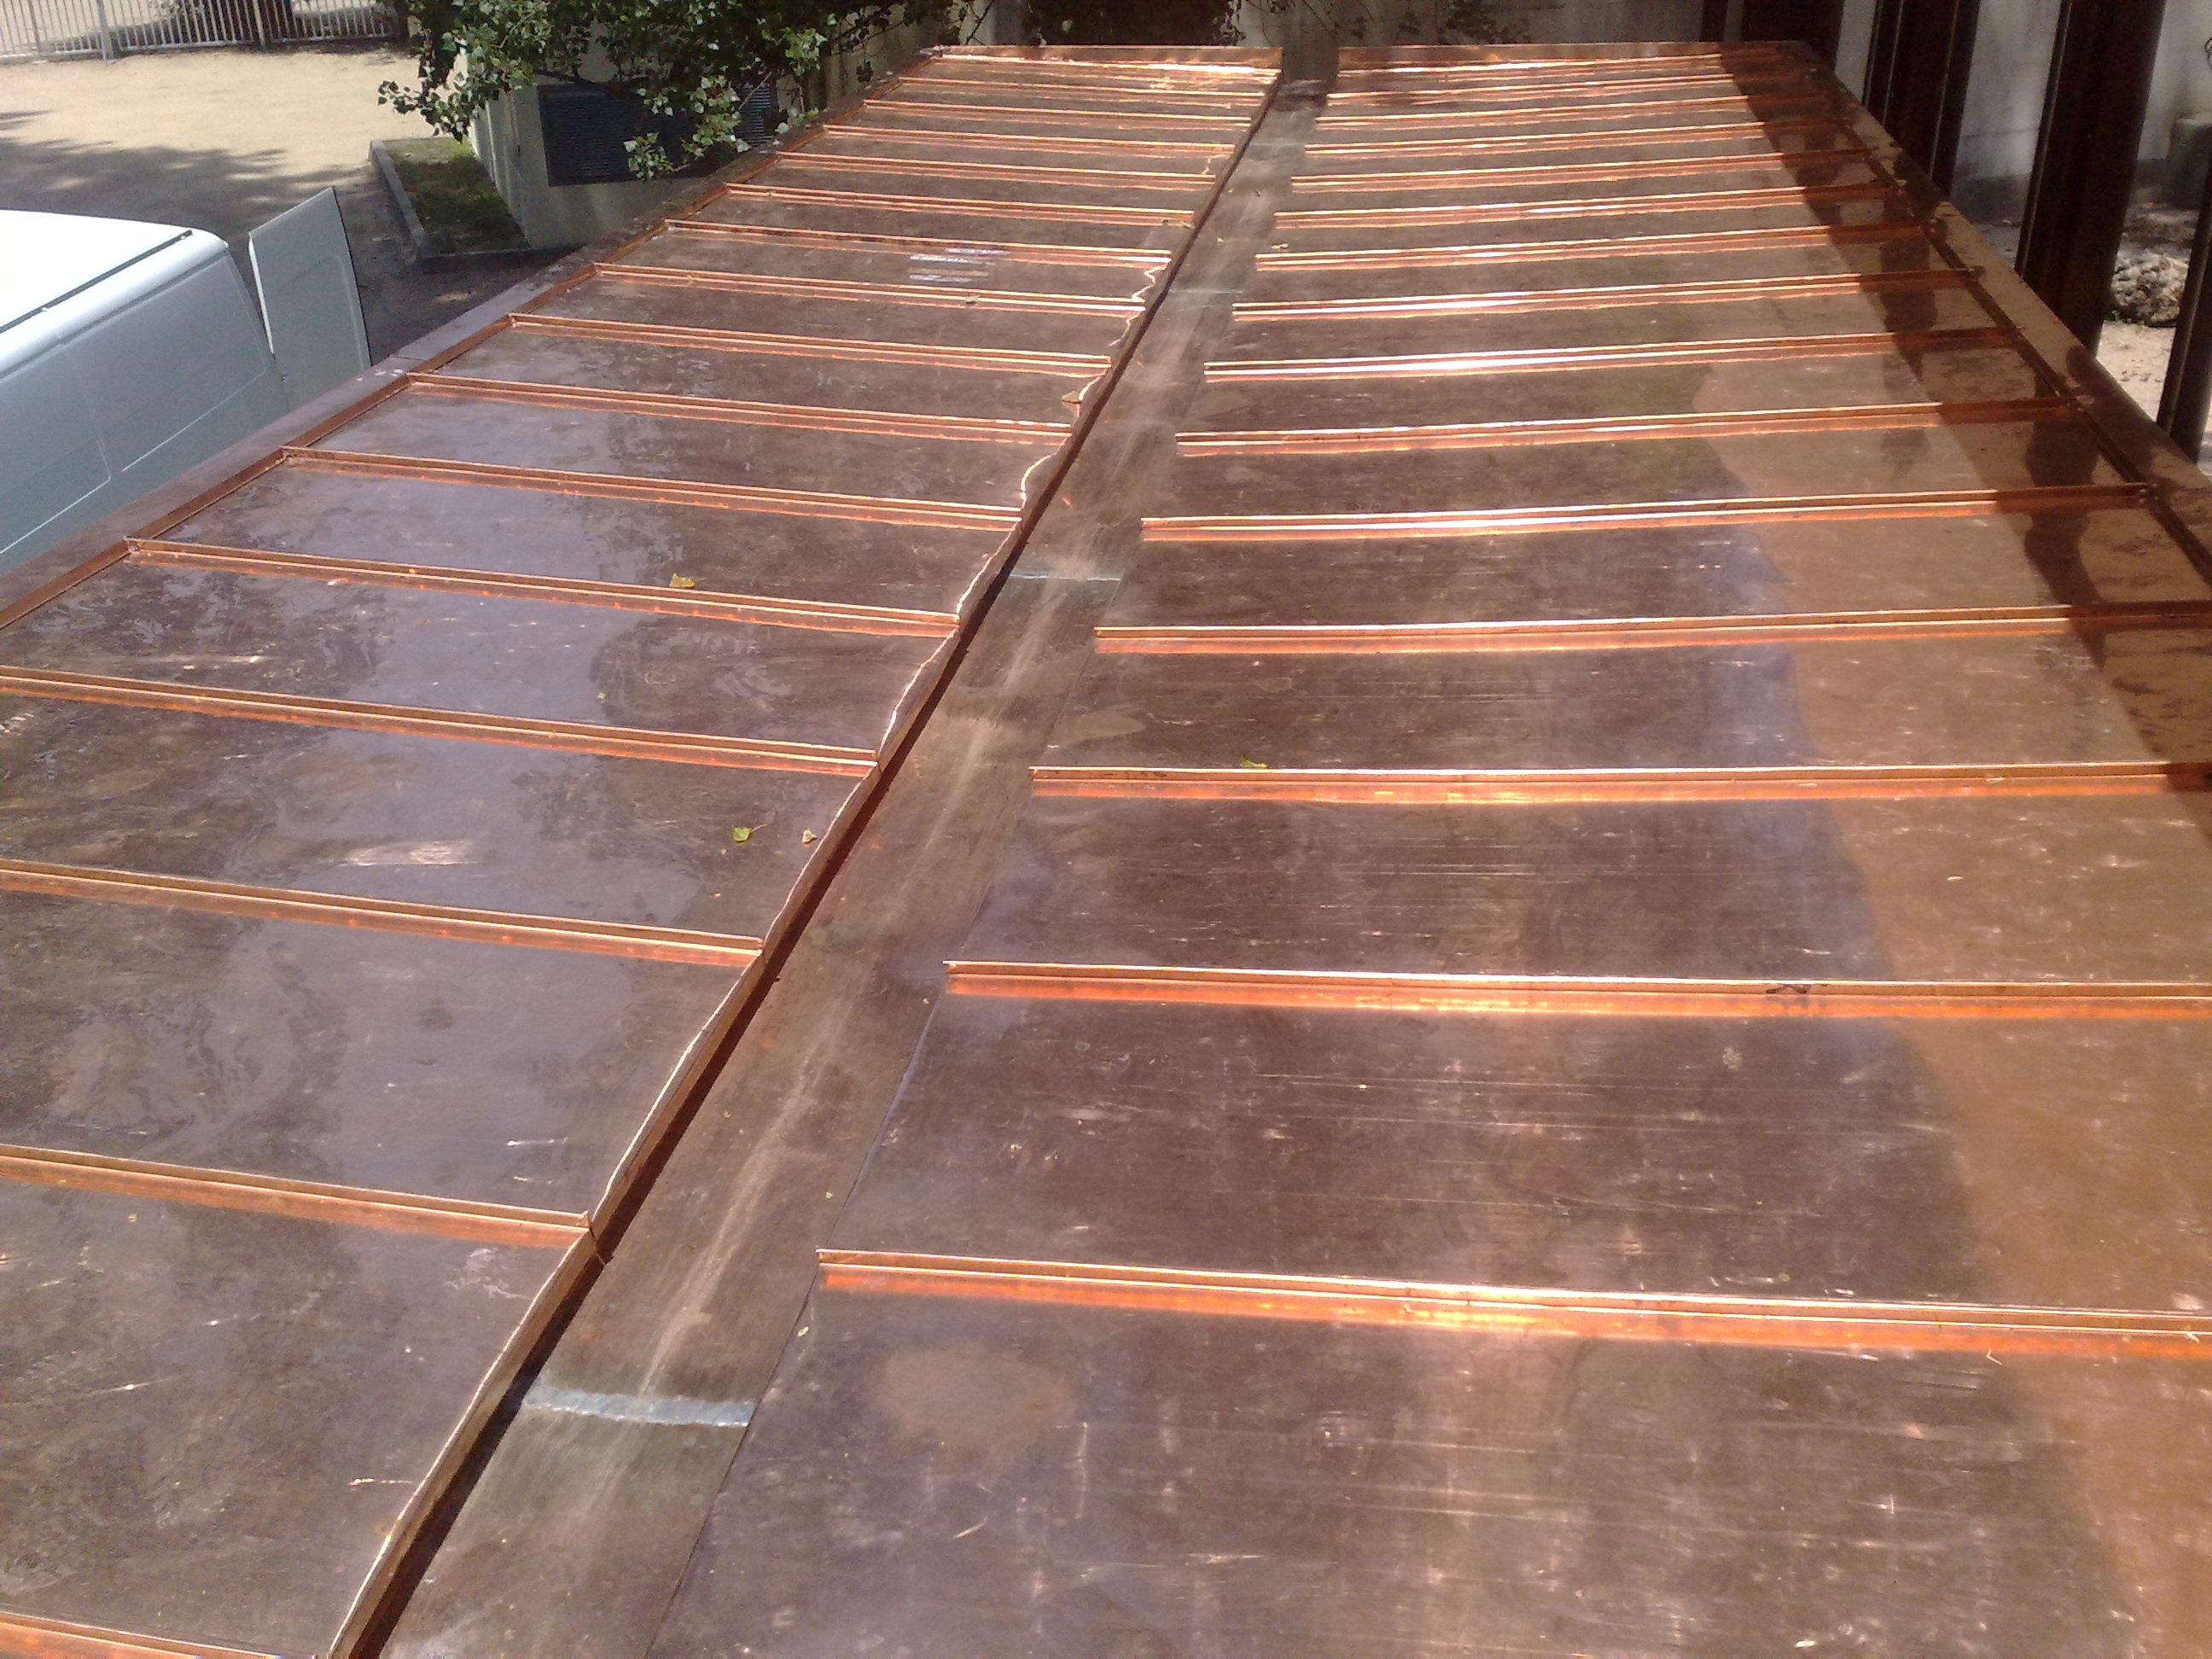 cubierta de cobre en parque castrelos, Vigo